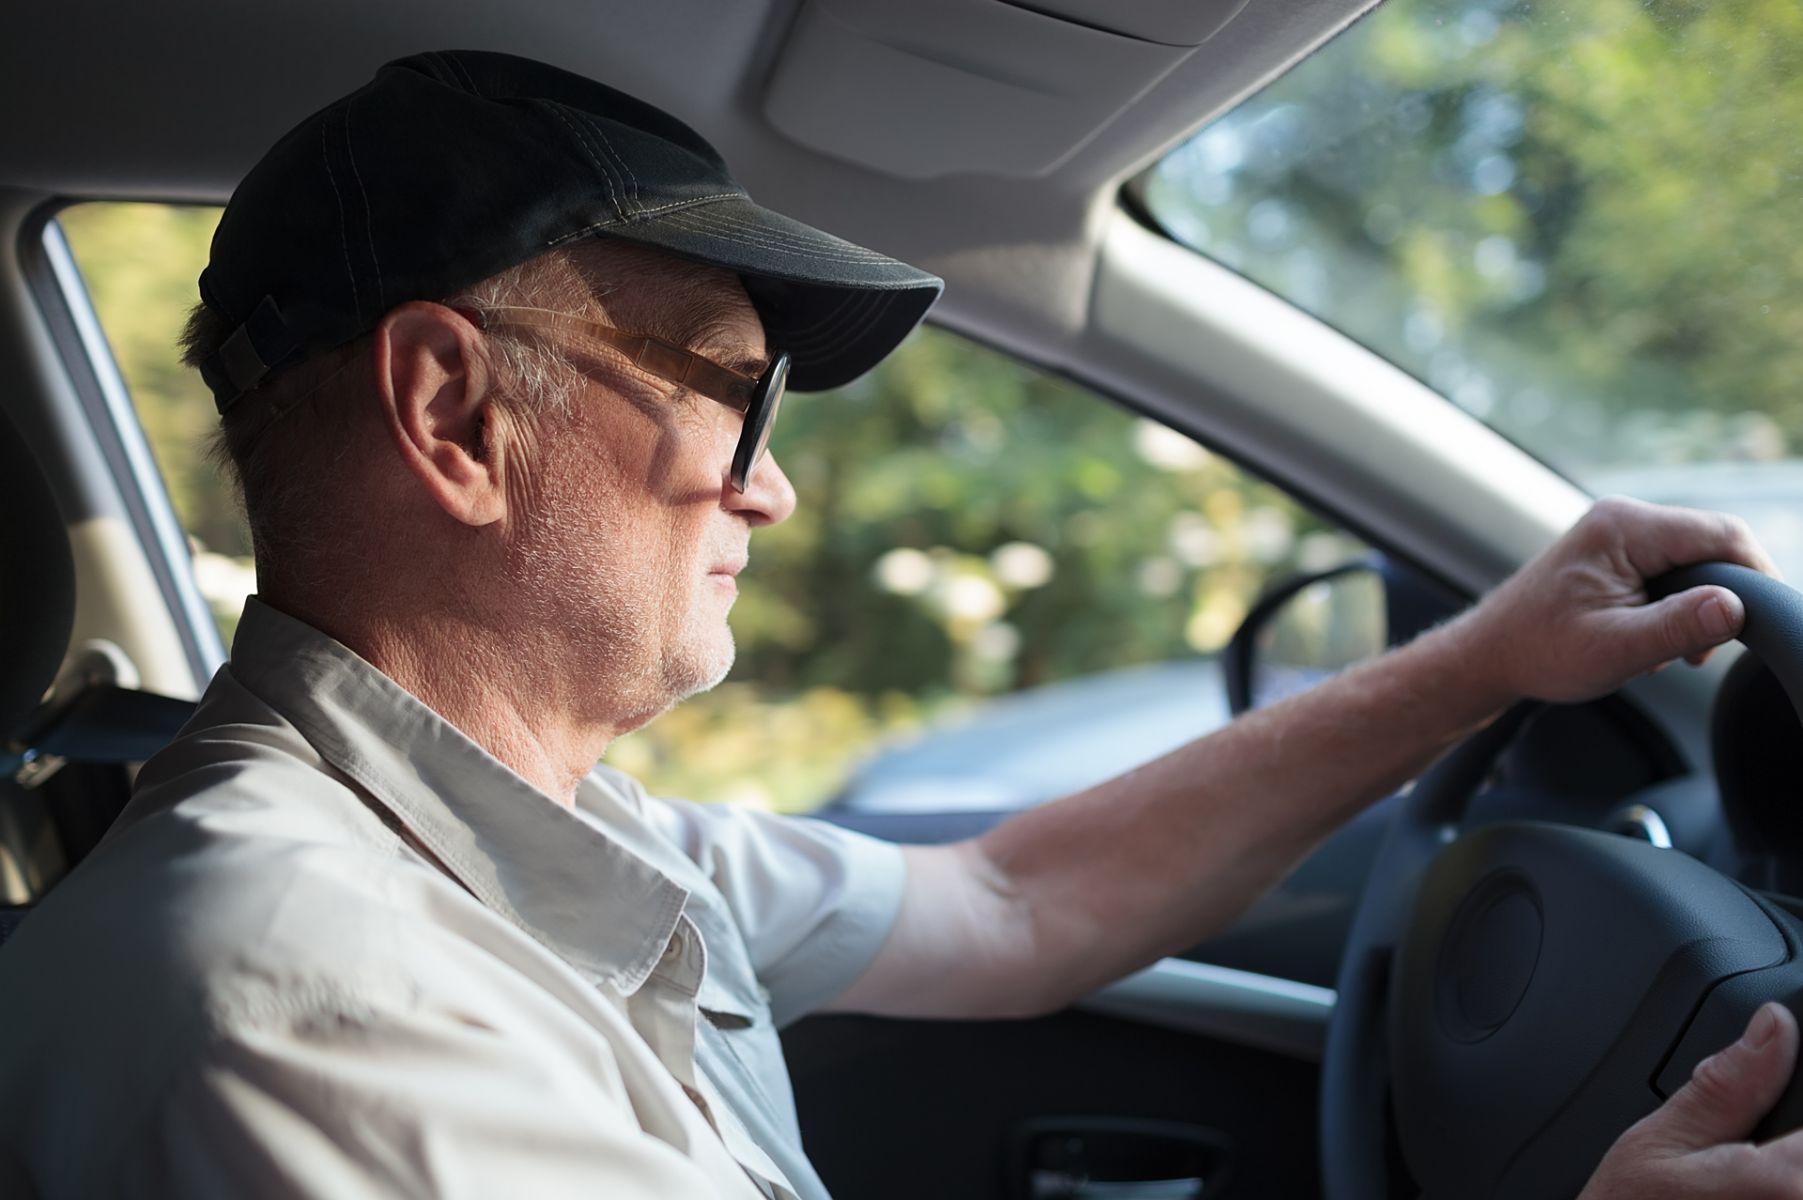 提心吊膽!為何長輩一直堅持要開車?